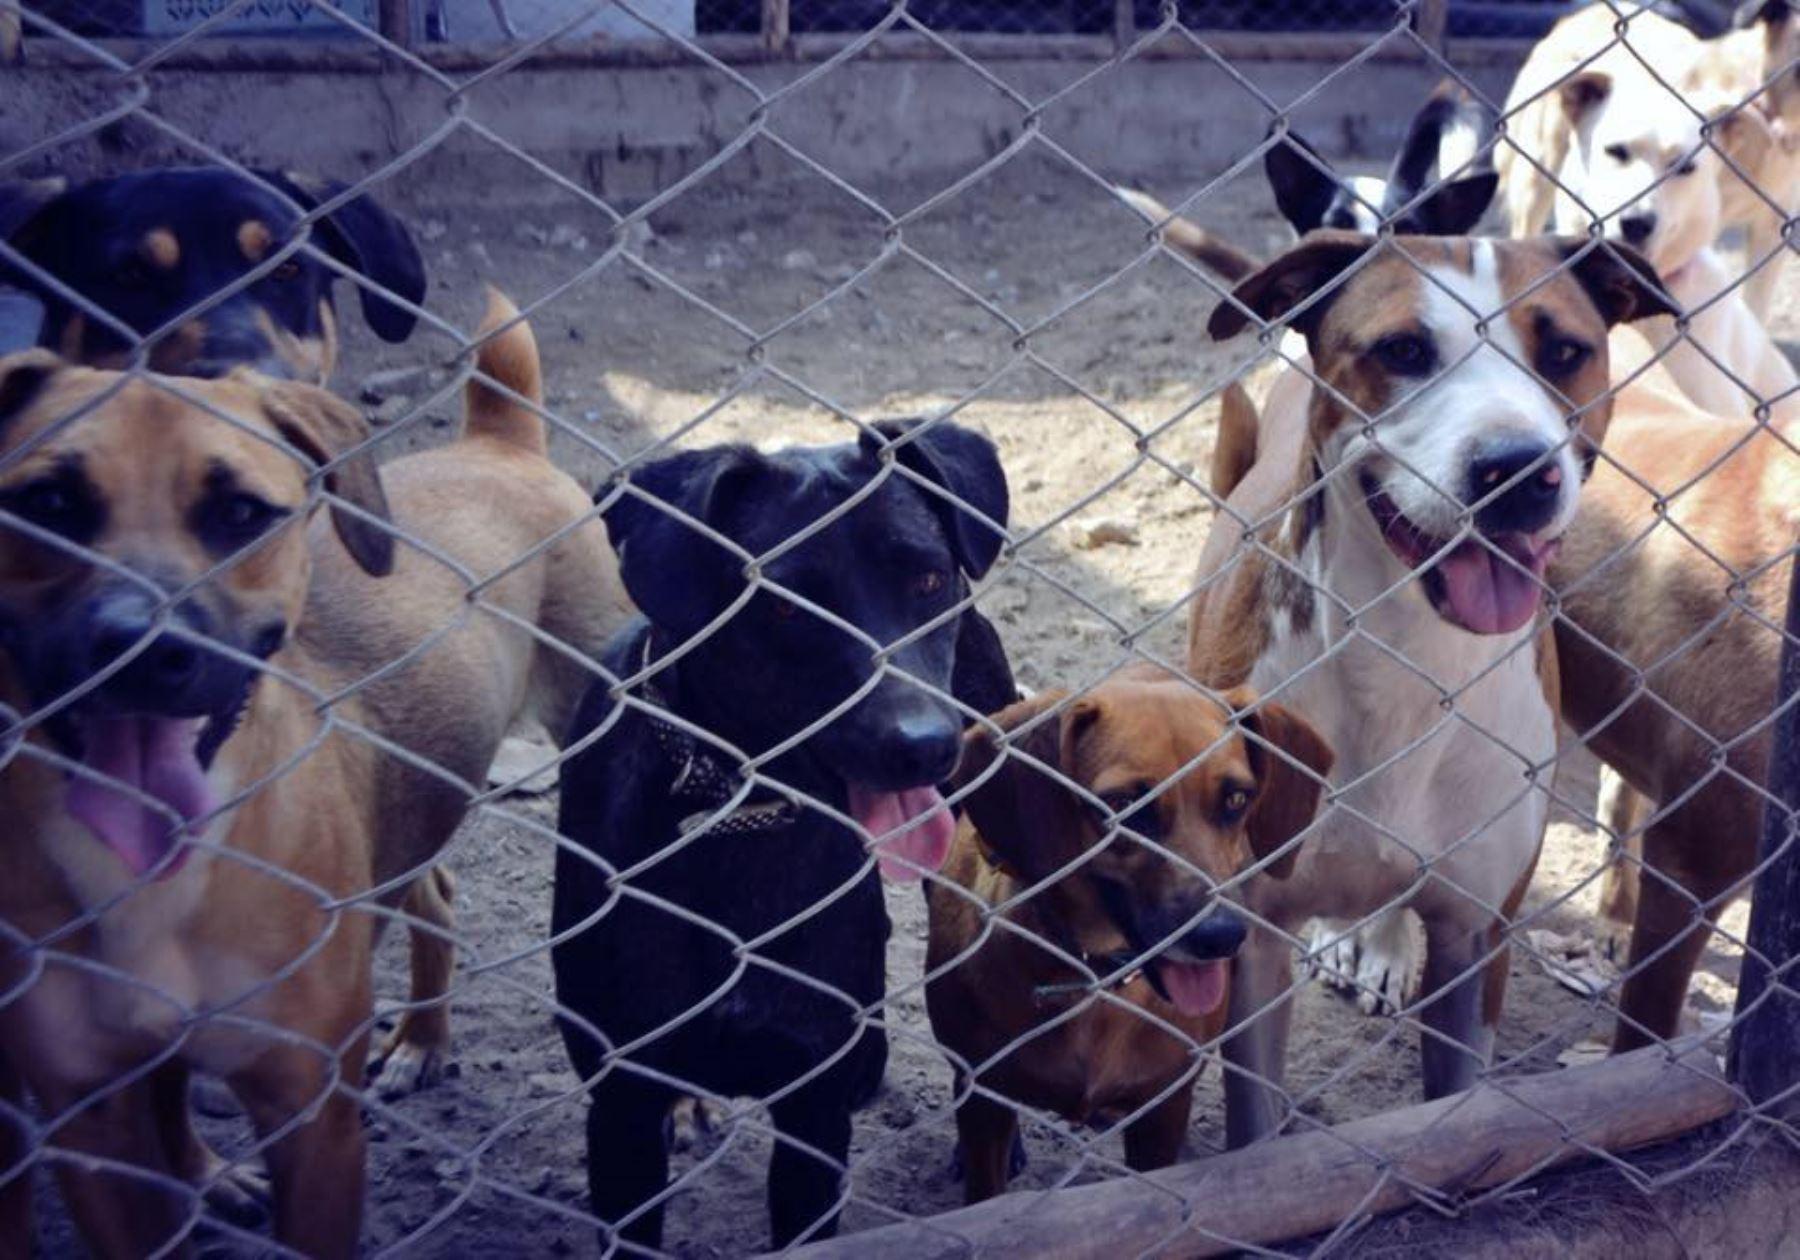 El 25% de los animales abandonados en Santa Cruz de Tenerife se llevan a albergues